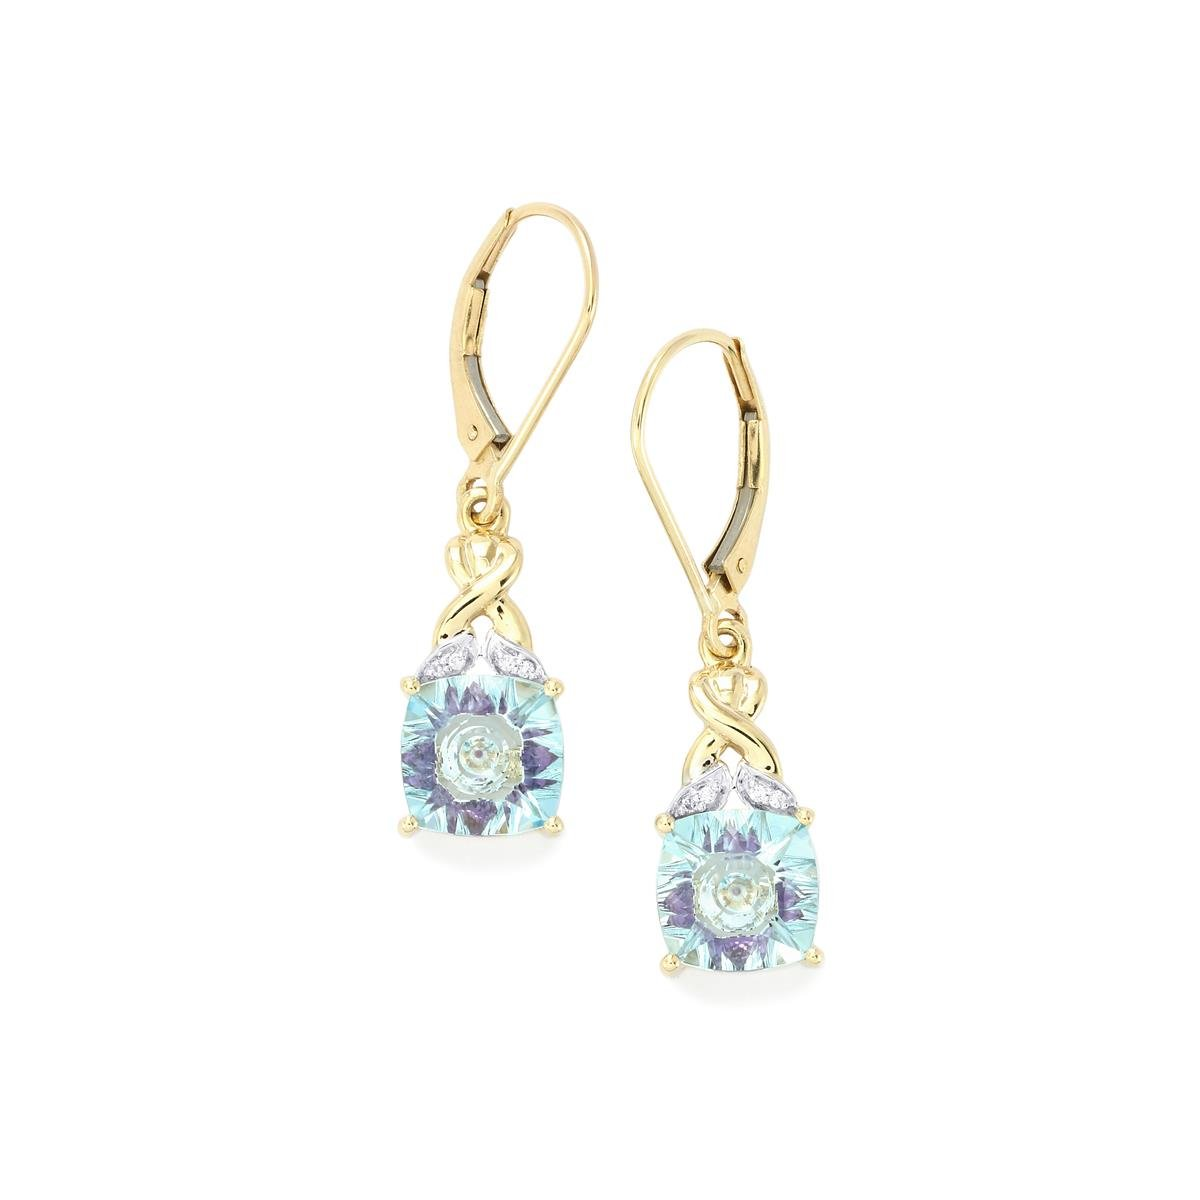 bdf47a845 Lehrer KaleidosCut Sky Blue Topaz, Ametista Amethyst Earrings with Diamond  in 9K Gold 4.49cts